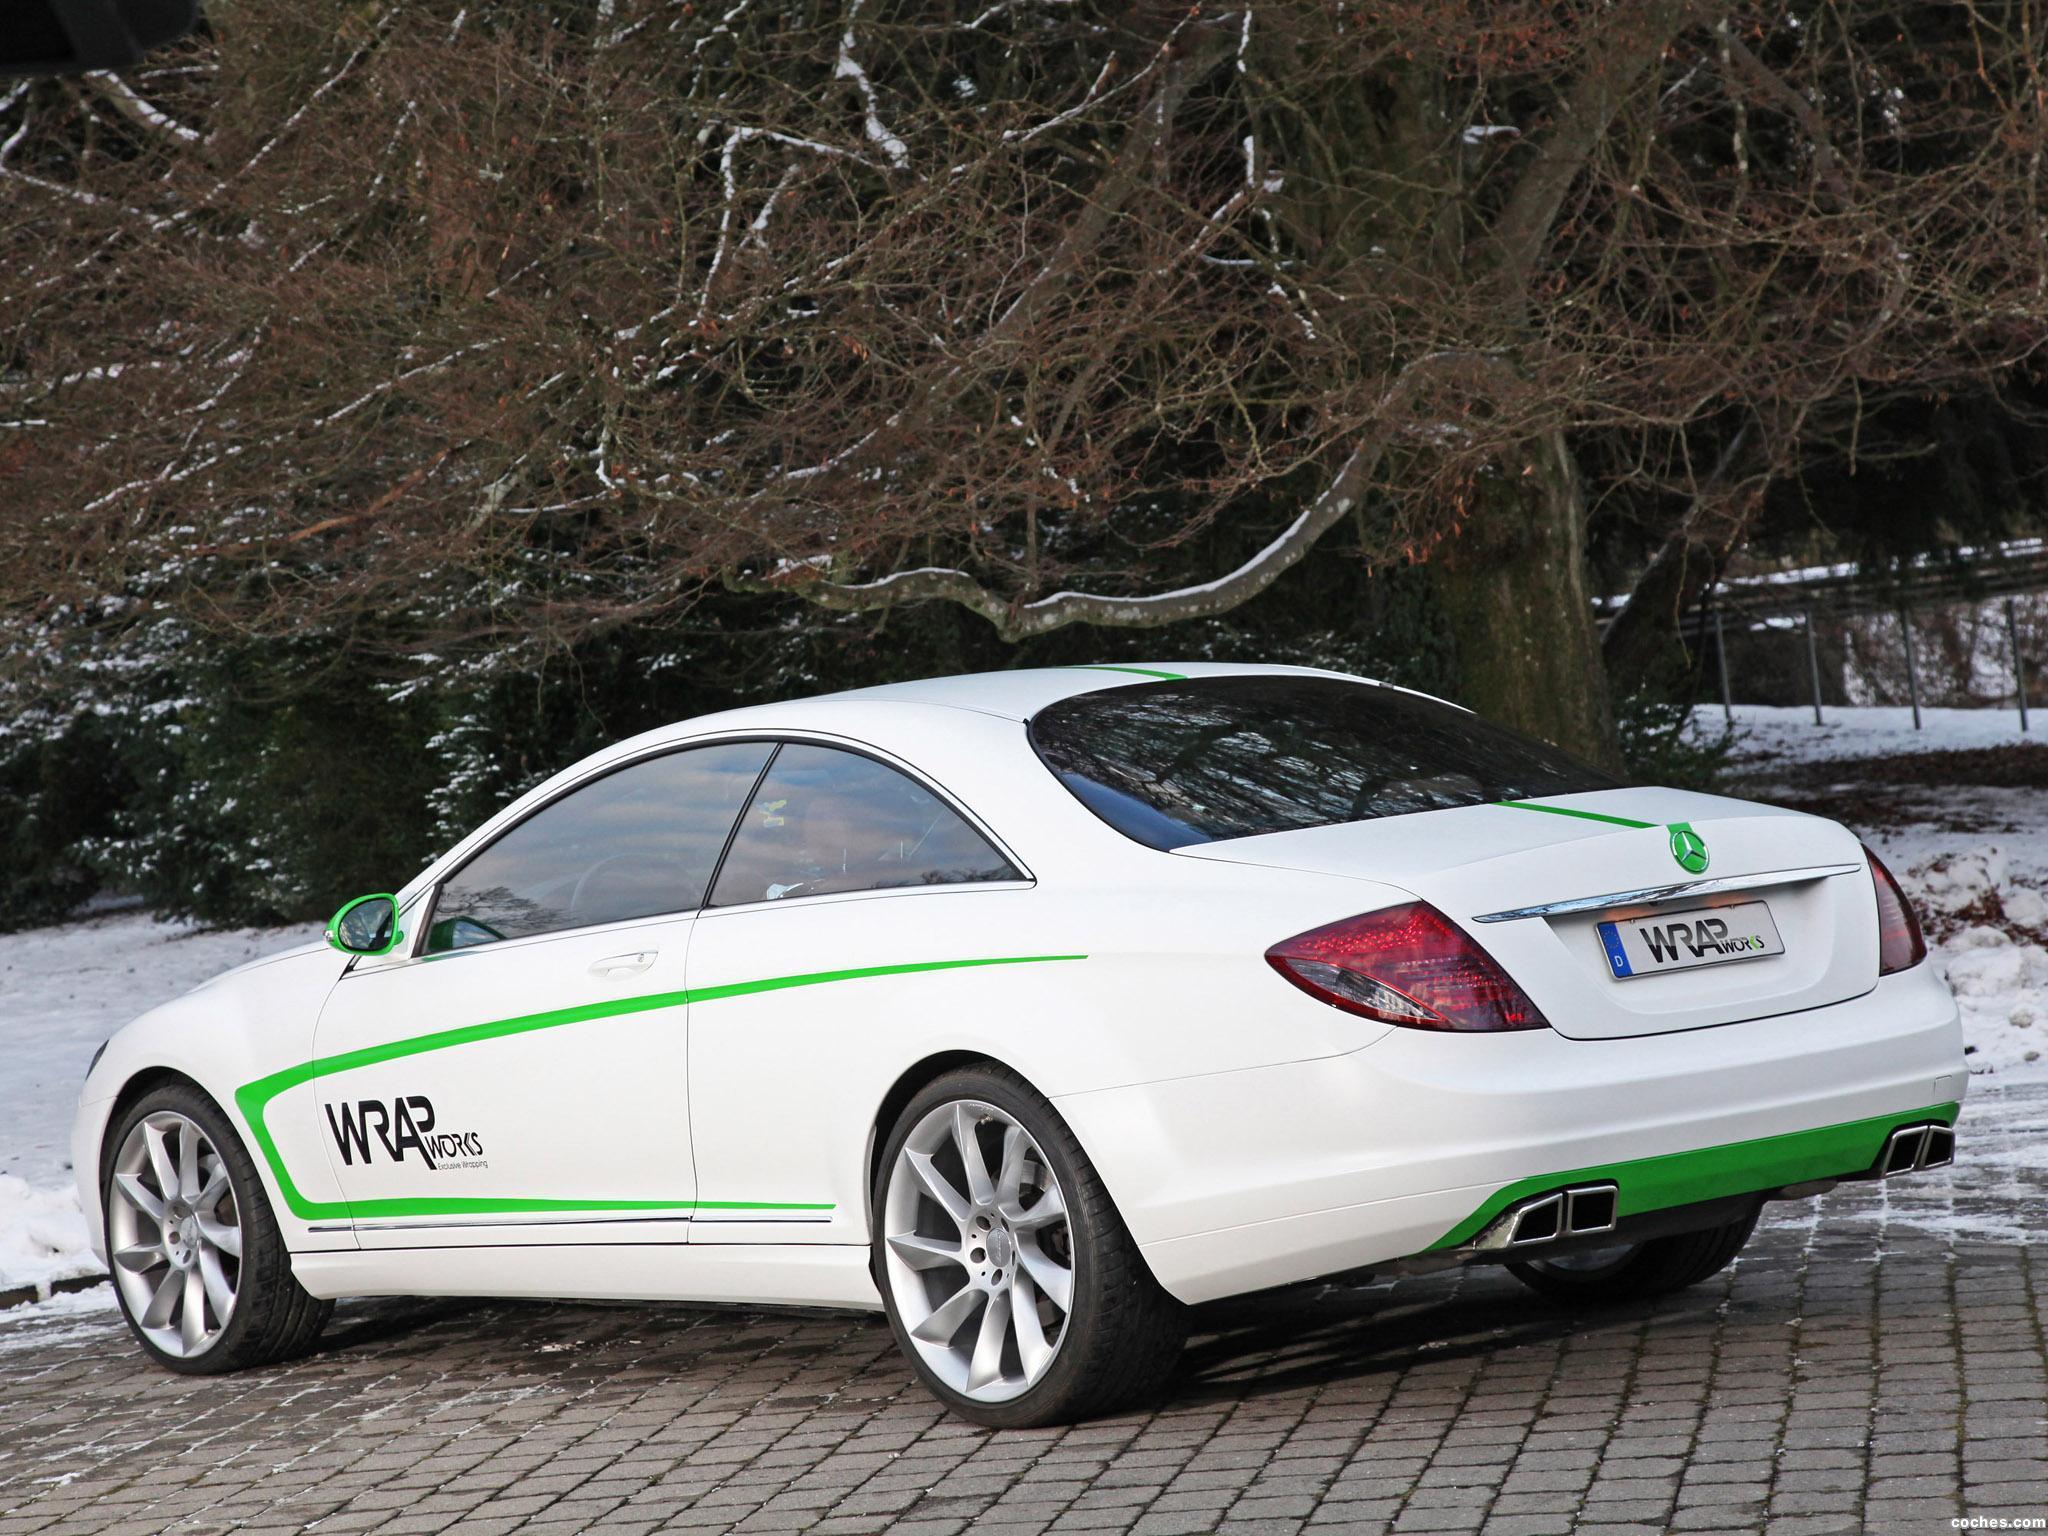 Foto 6 de Mercedes Mercedes Clase CL CL500 by Wrap Works C216 2013